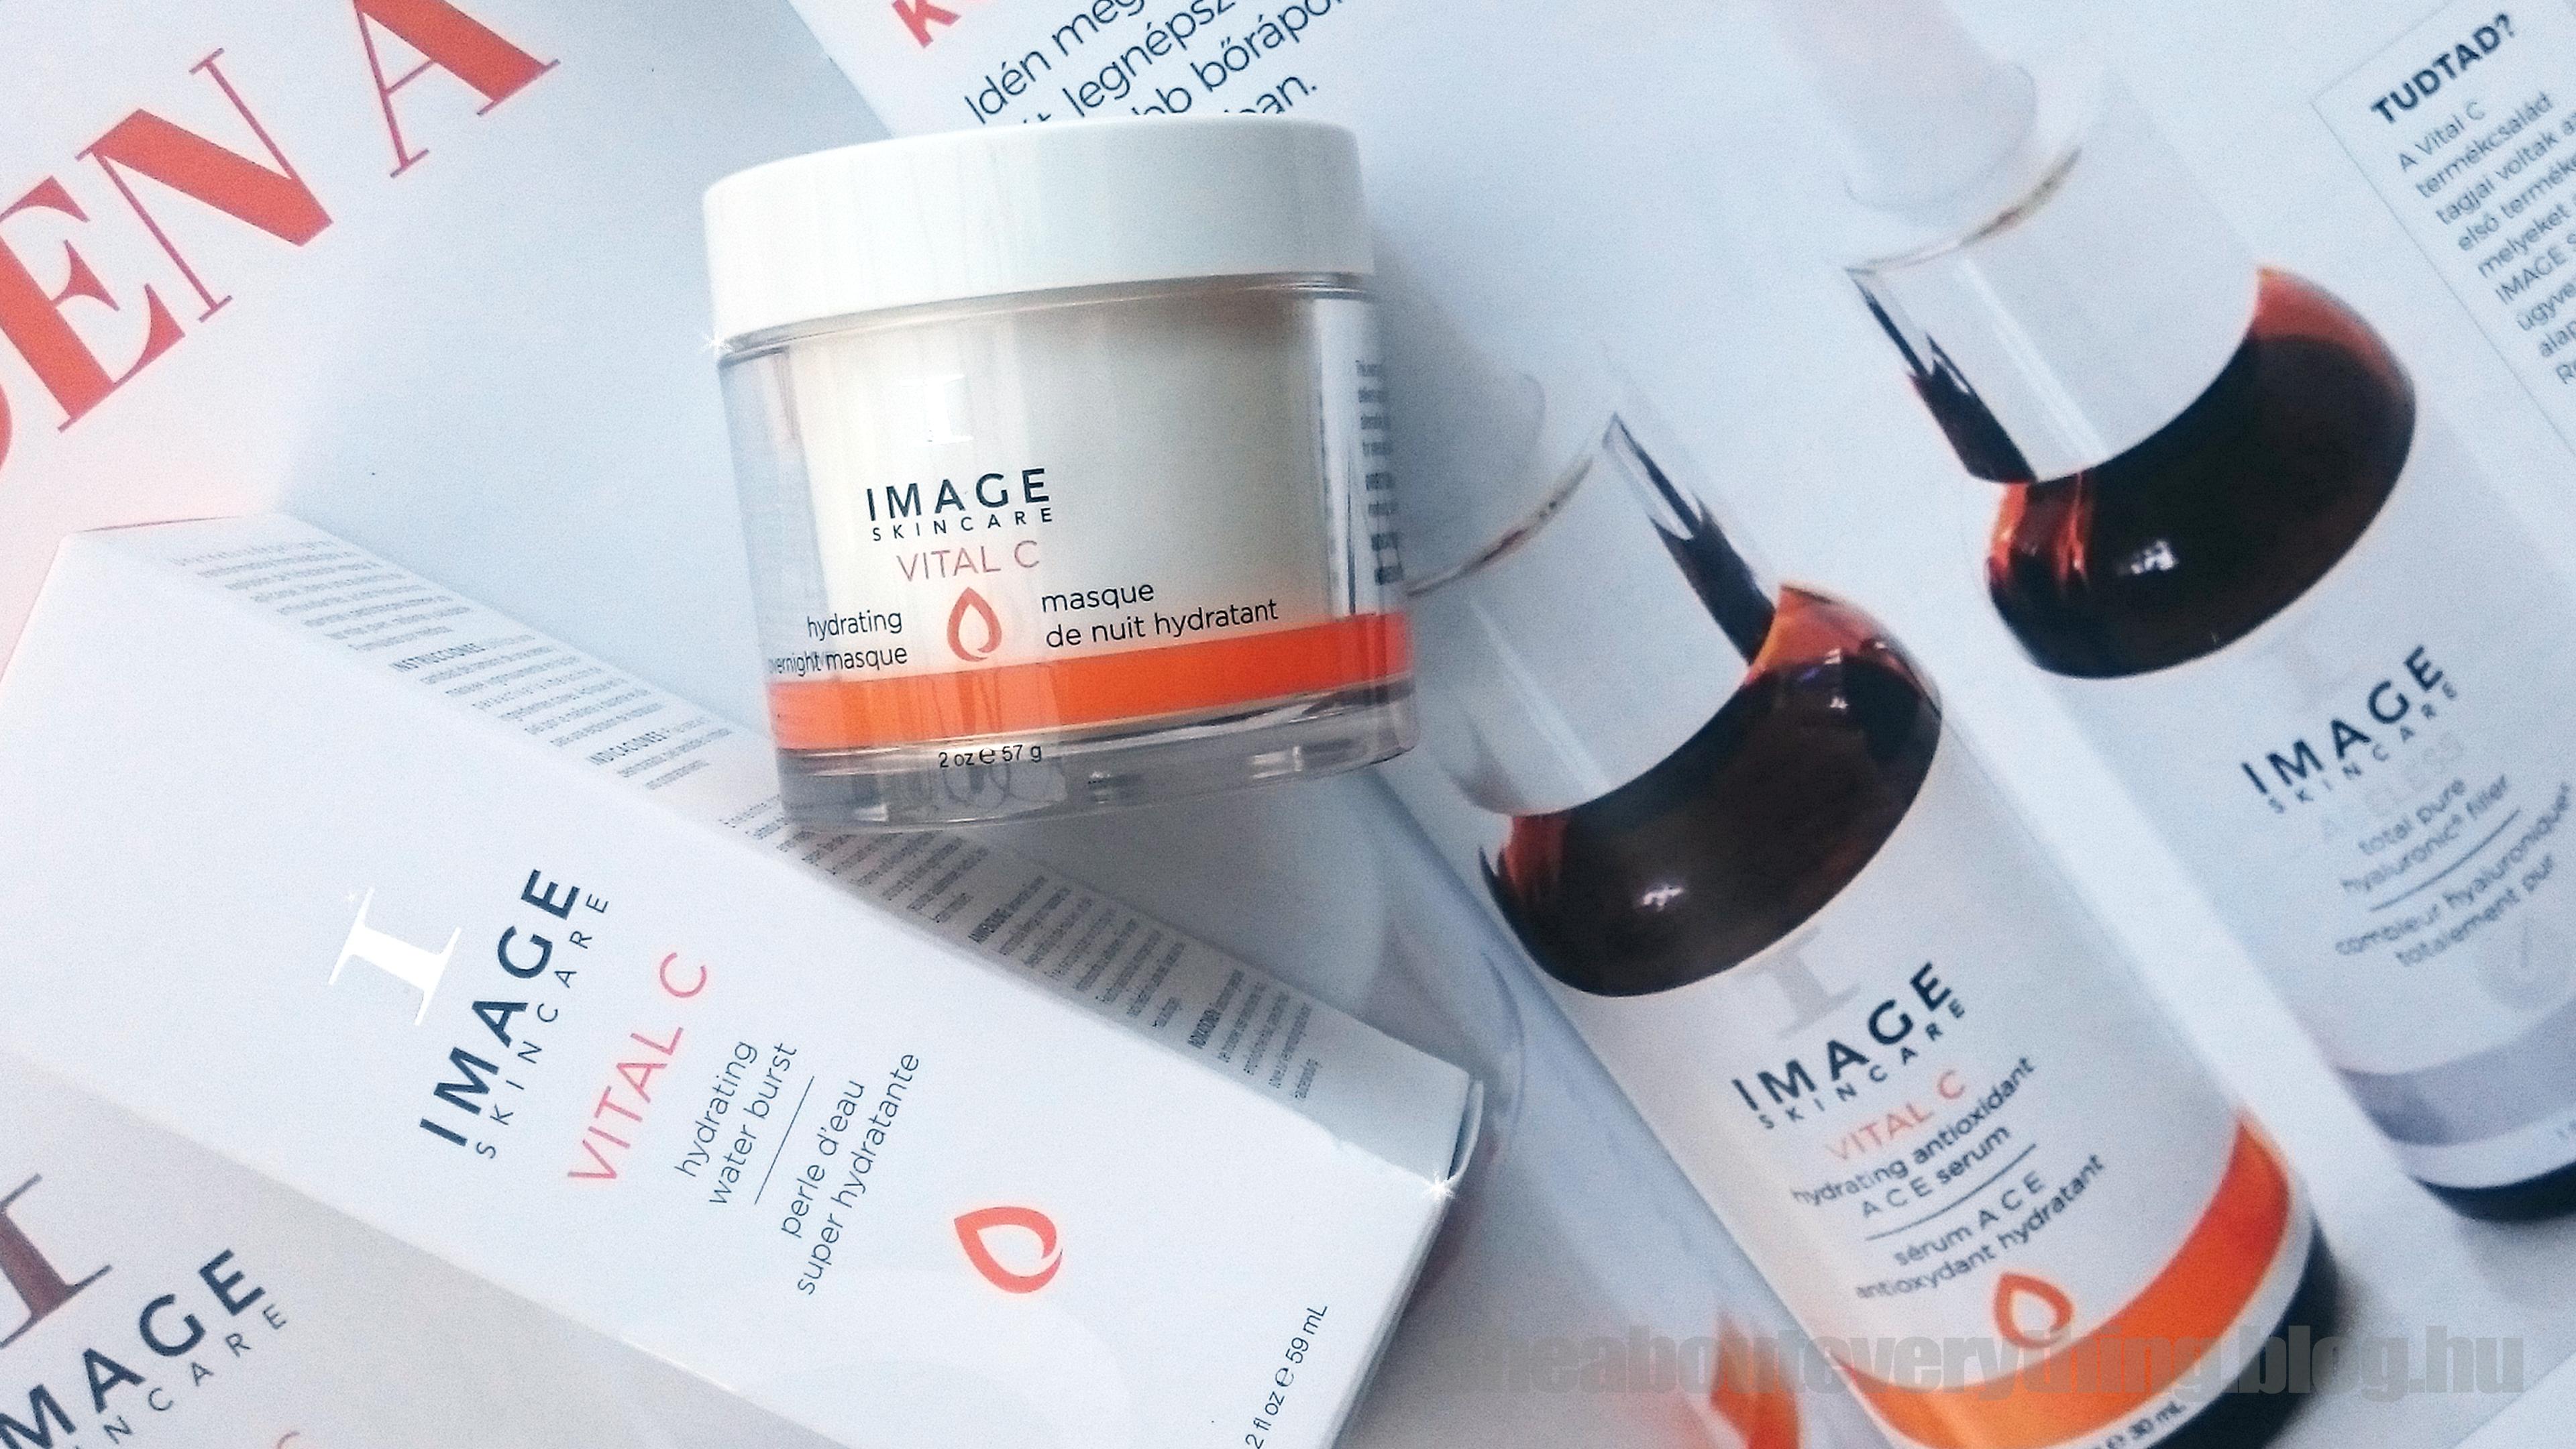 image-skincare-vitalc-beautyblog.jpg